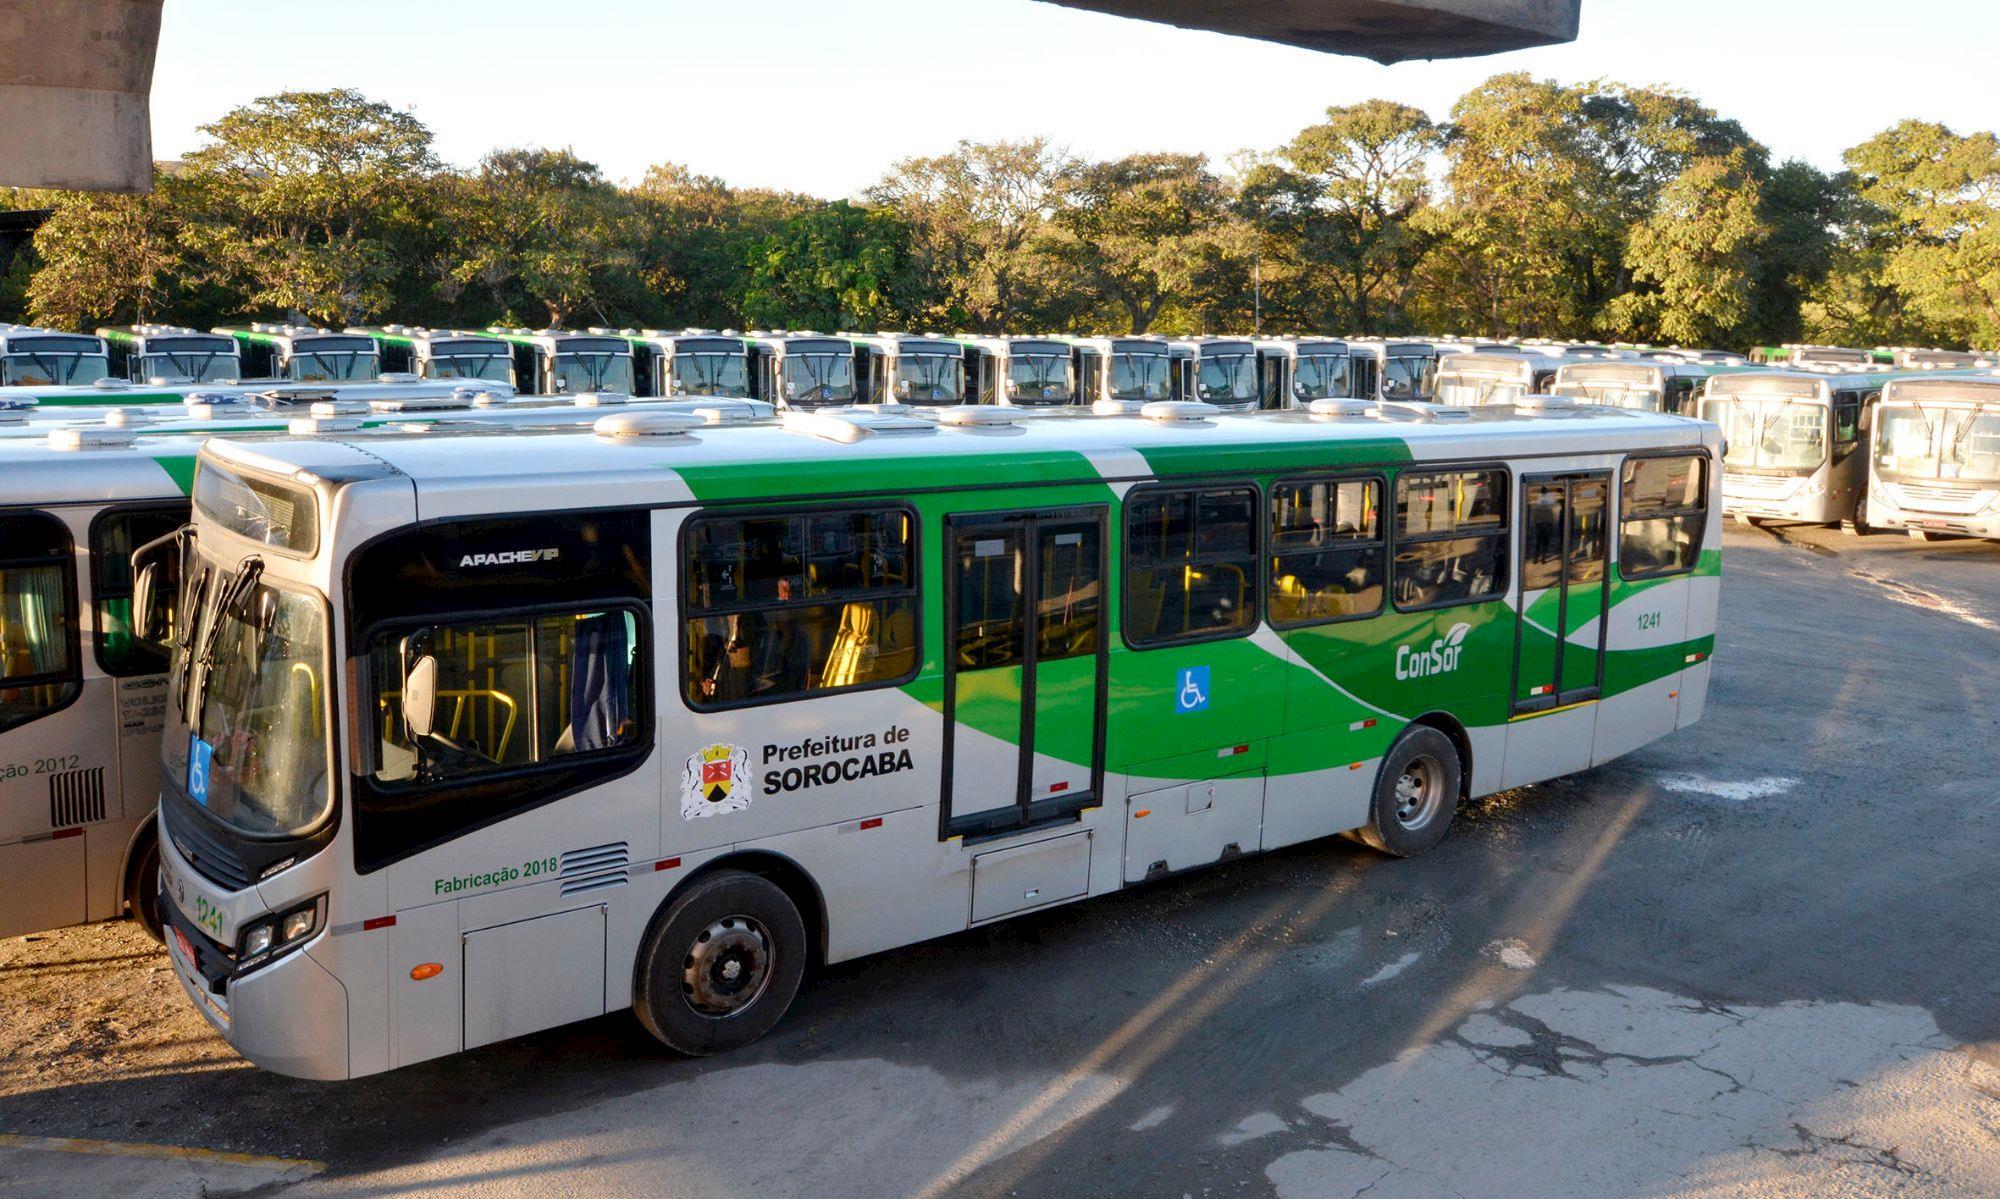 transporte, ônibus, sorocaba, basta, , Foguinho/Imprensa SMetal